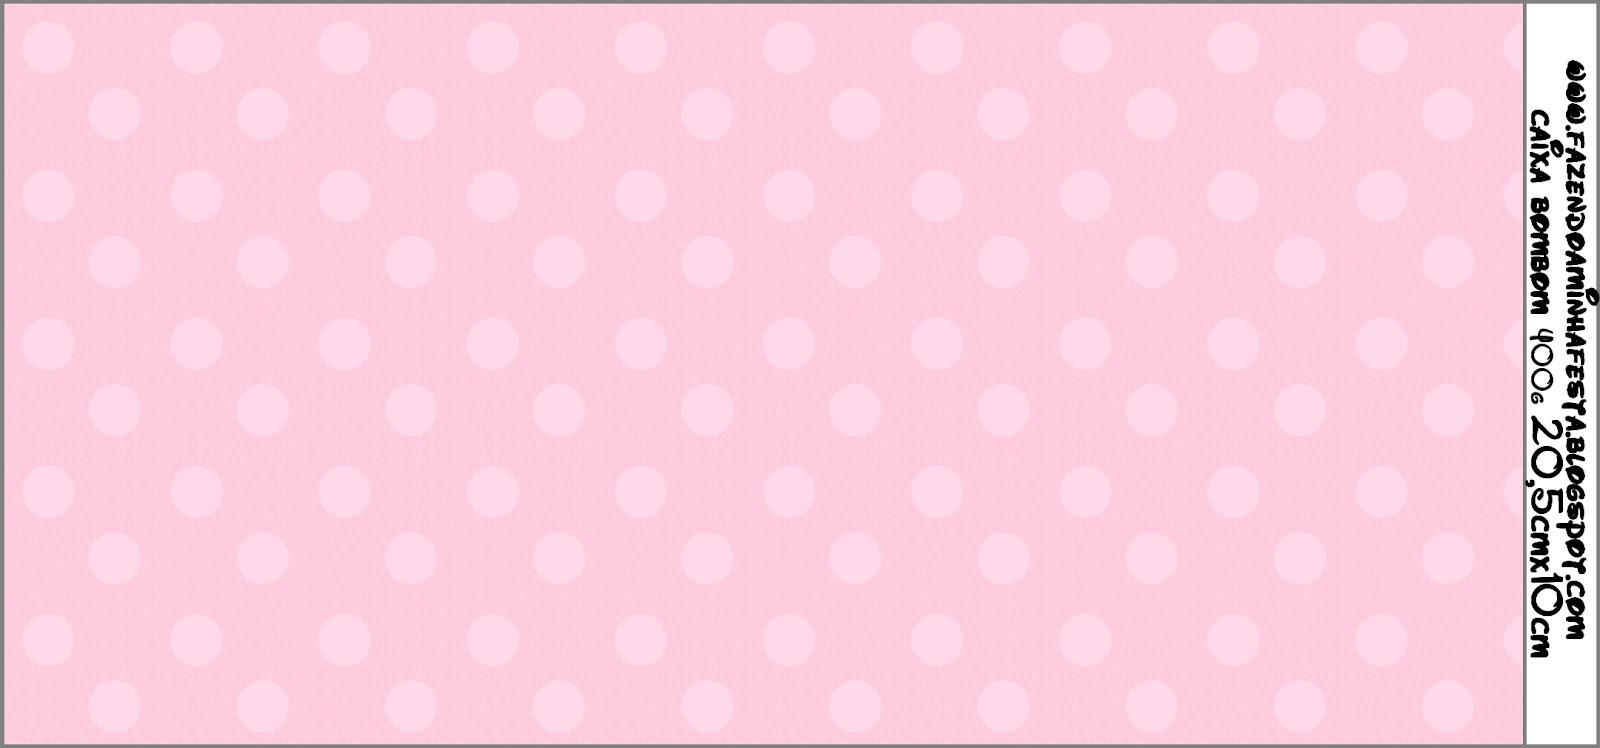 Imprimibles De Lunares Rosa Claro Sobre Fondo Rosa 6